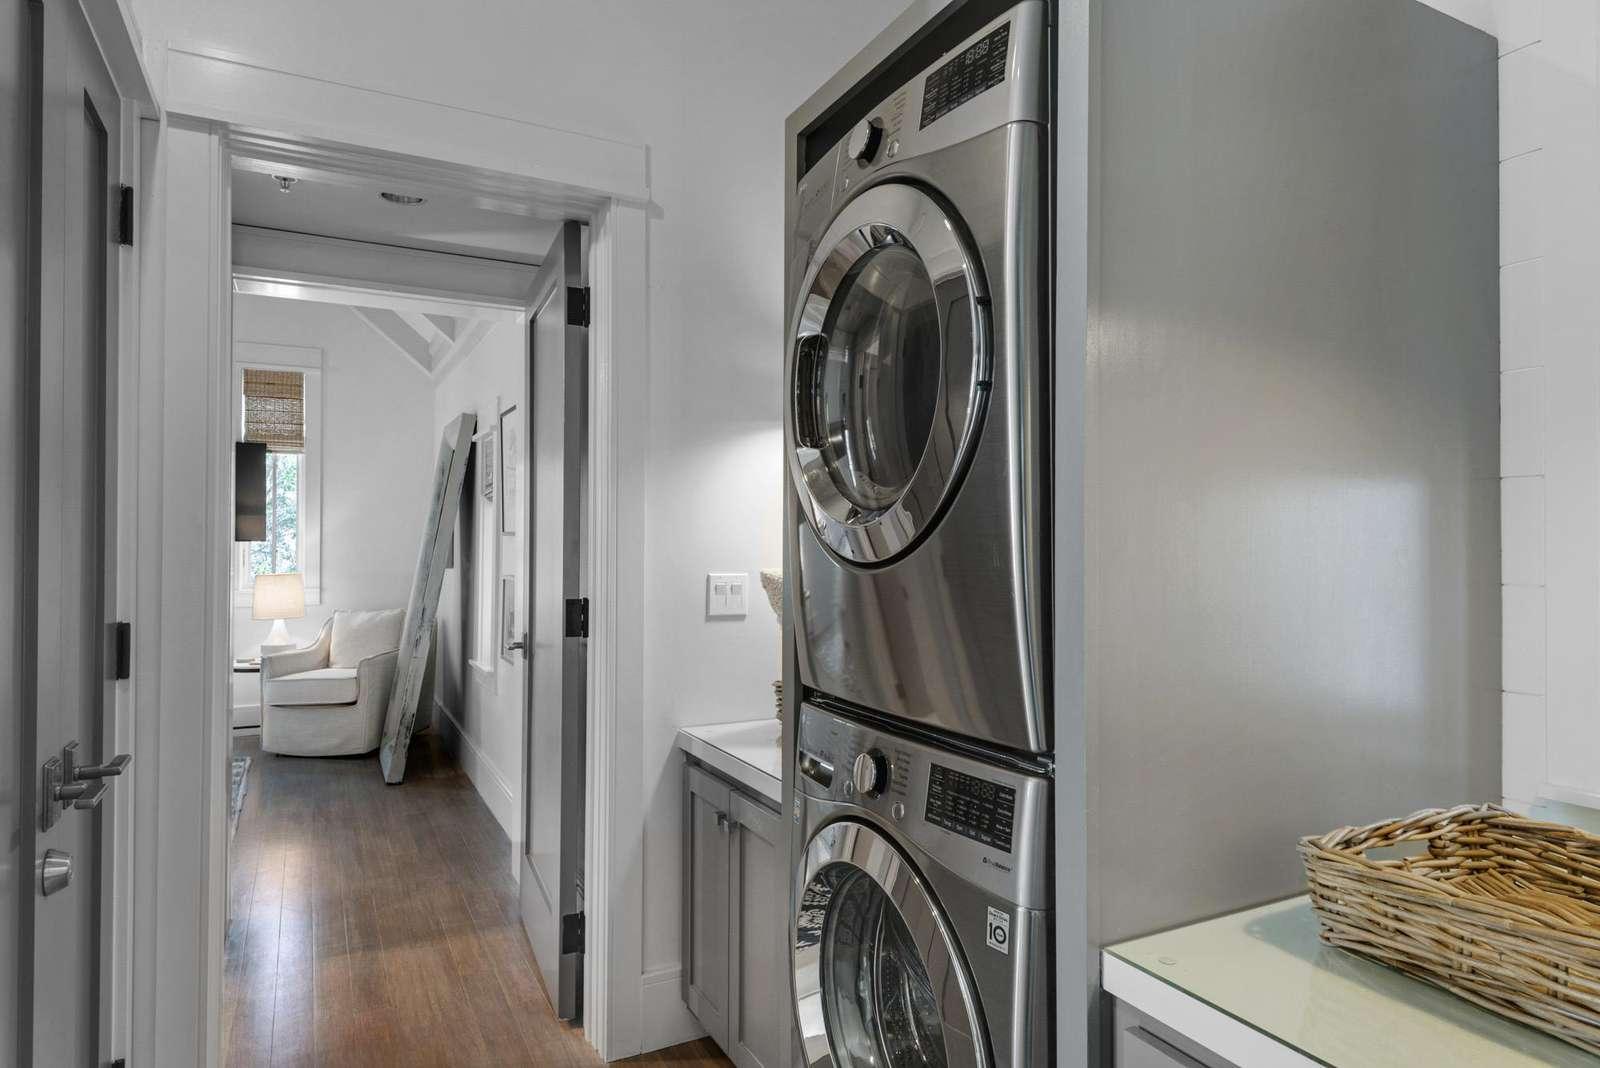 Washer dryer second floor